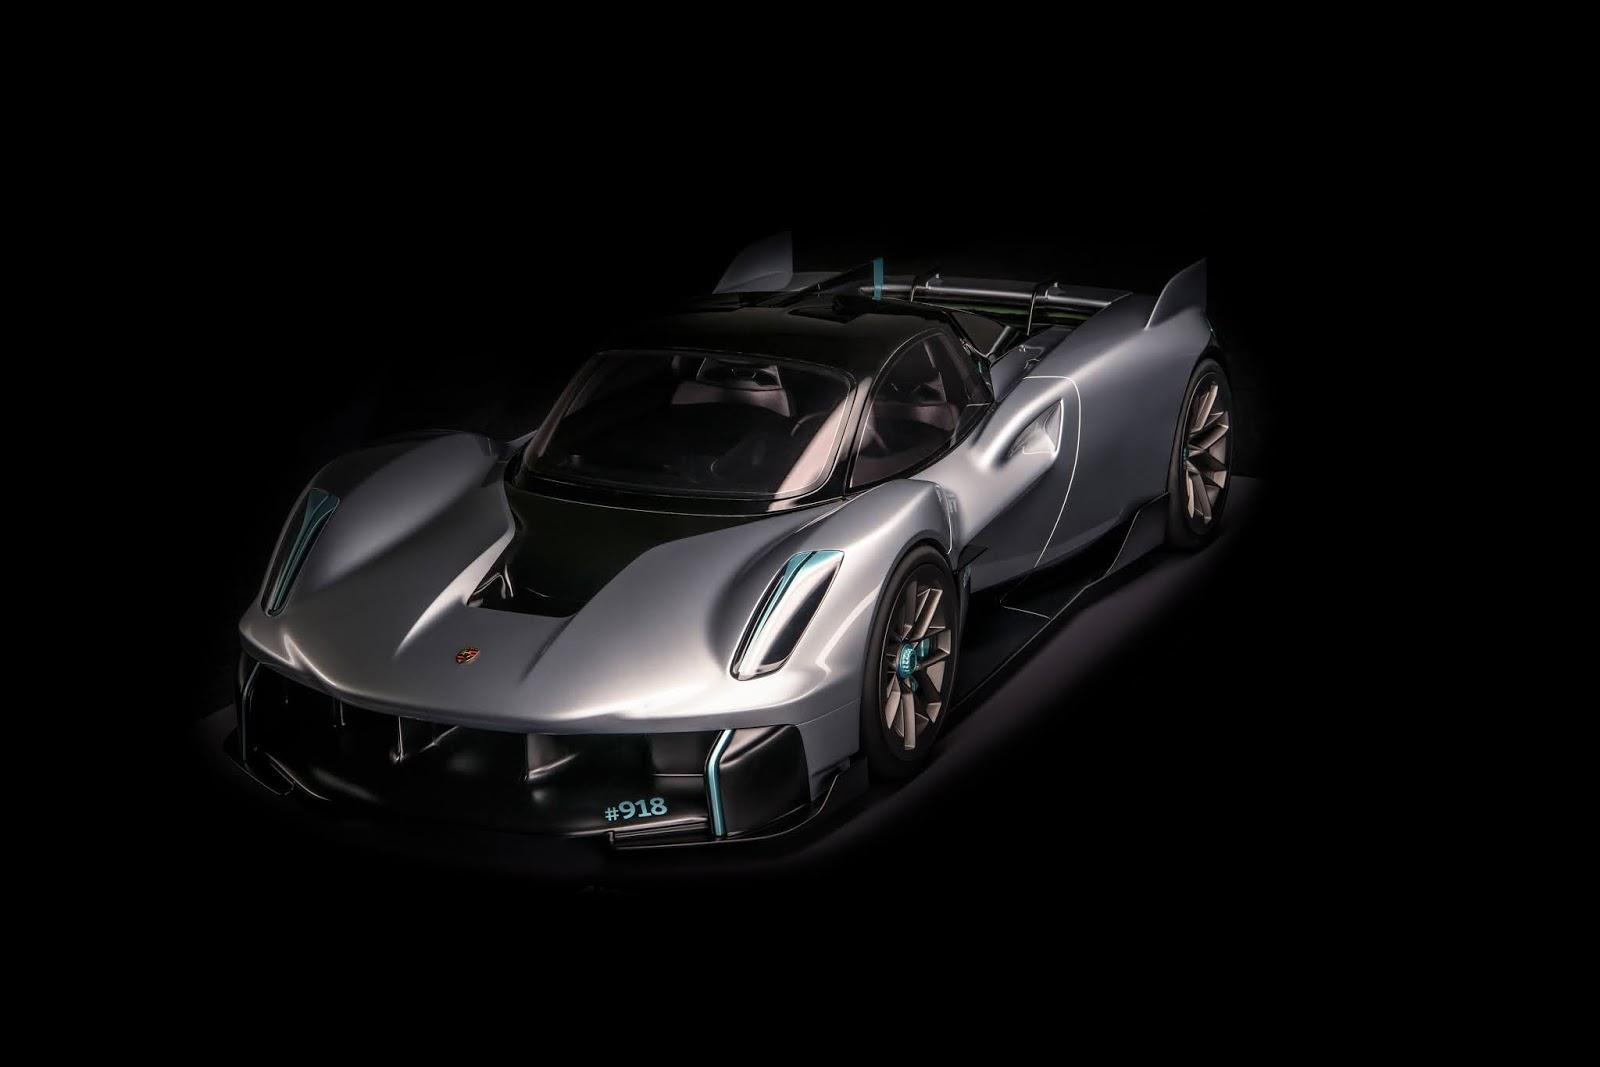 Capture0035 2 Τα άγνωστα Hypercars της Porsche hypercar, Porsche, Porsche Unseen, Sunday, supercar, supercars, zblog, ειδήσεις